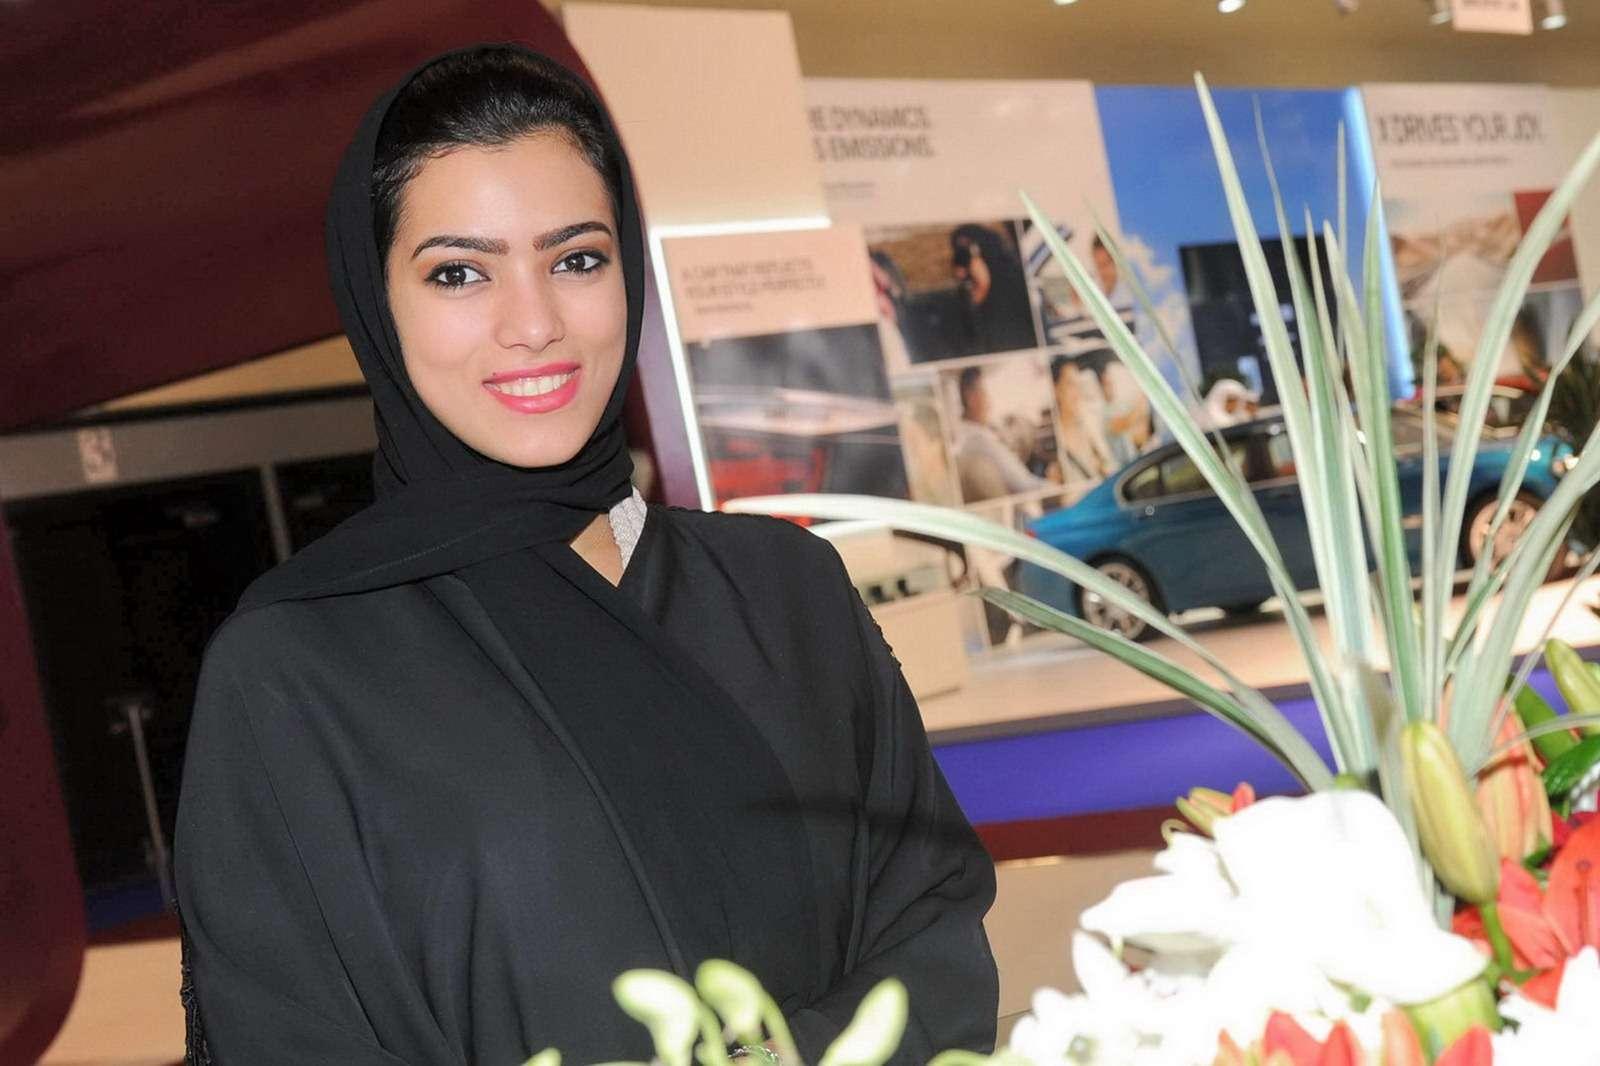 Dziewczyny Katar motor show fot styczen 2012